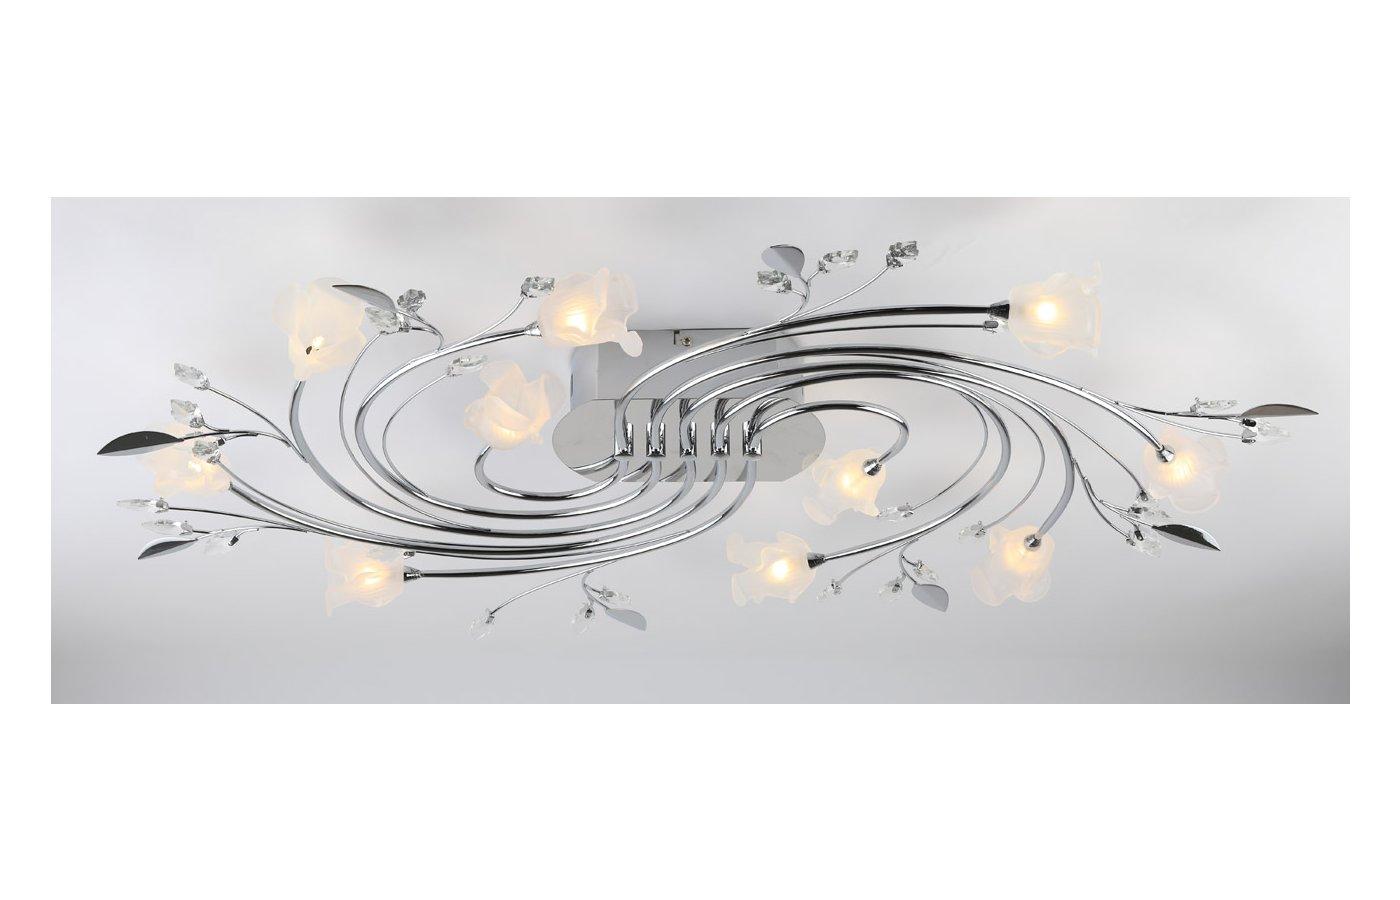 Декоративный светильник Rivoli Paxi-C-10хG4-20W-Chrome